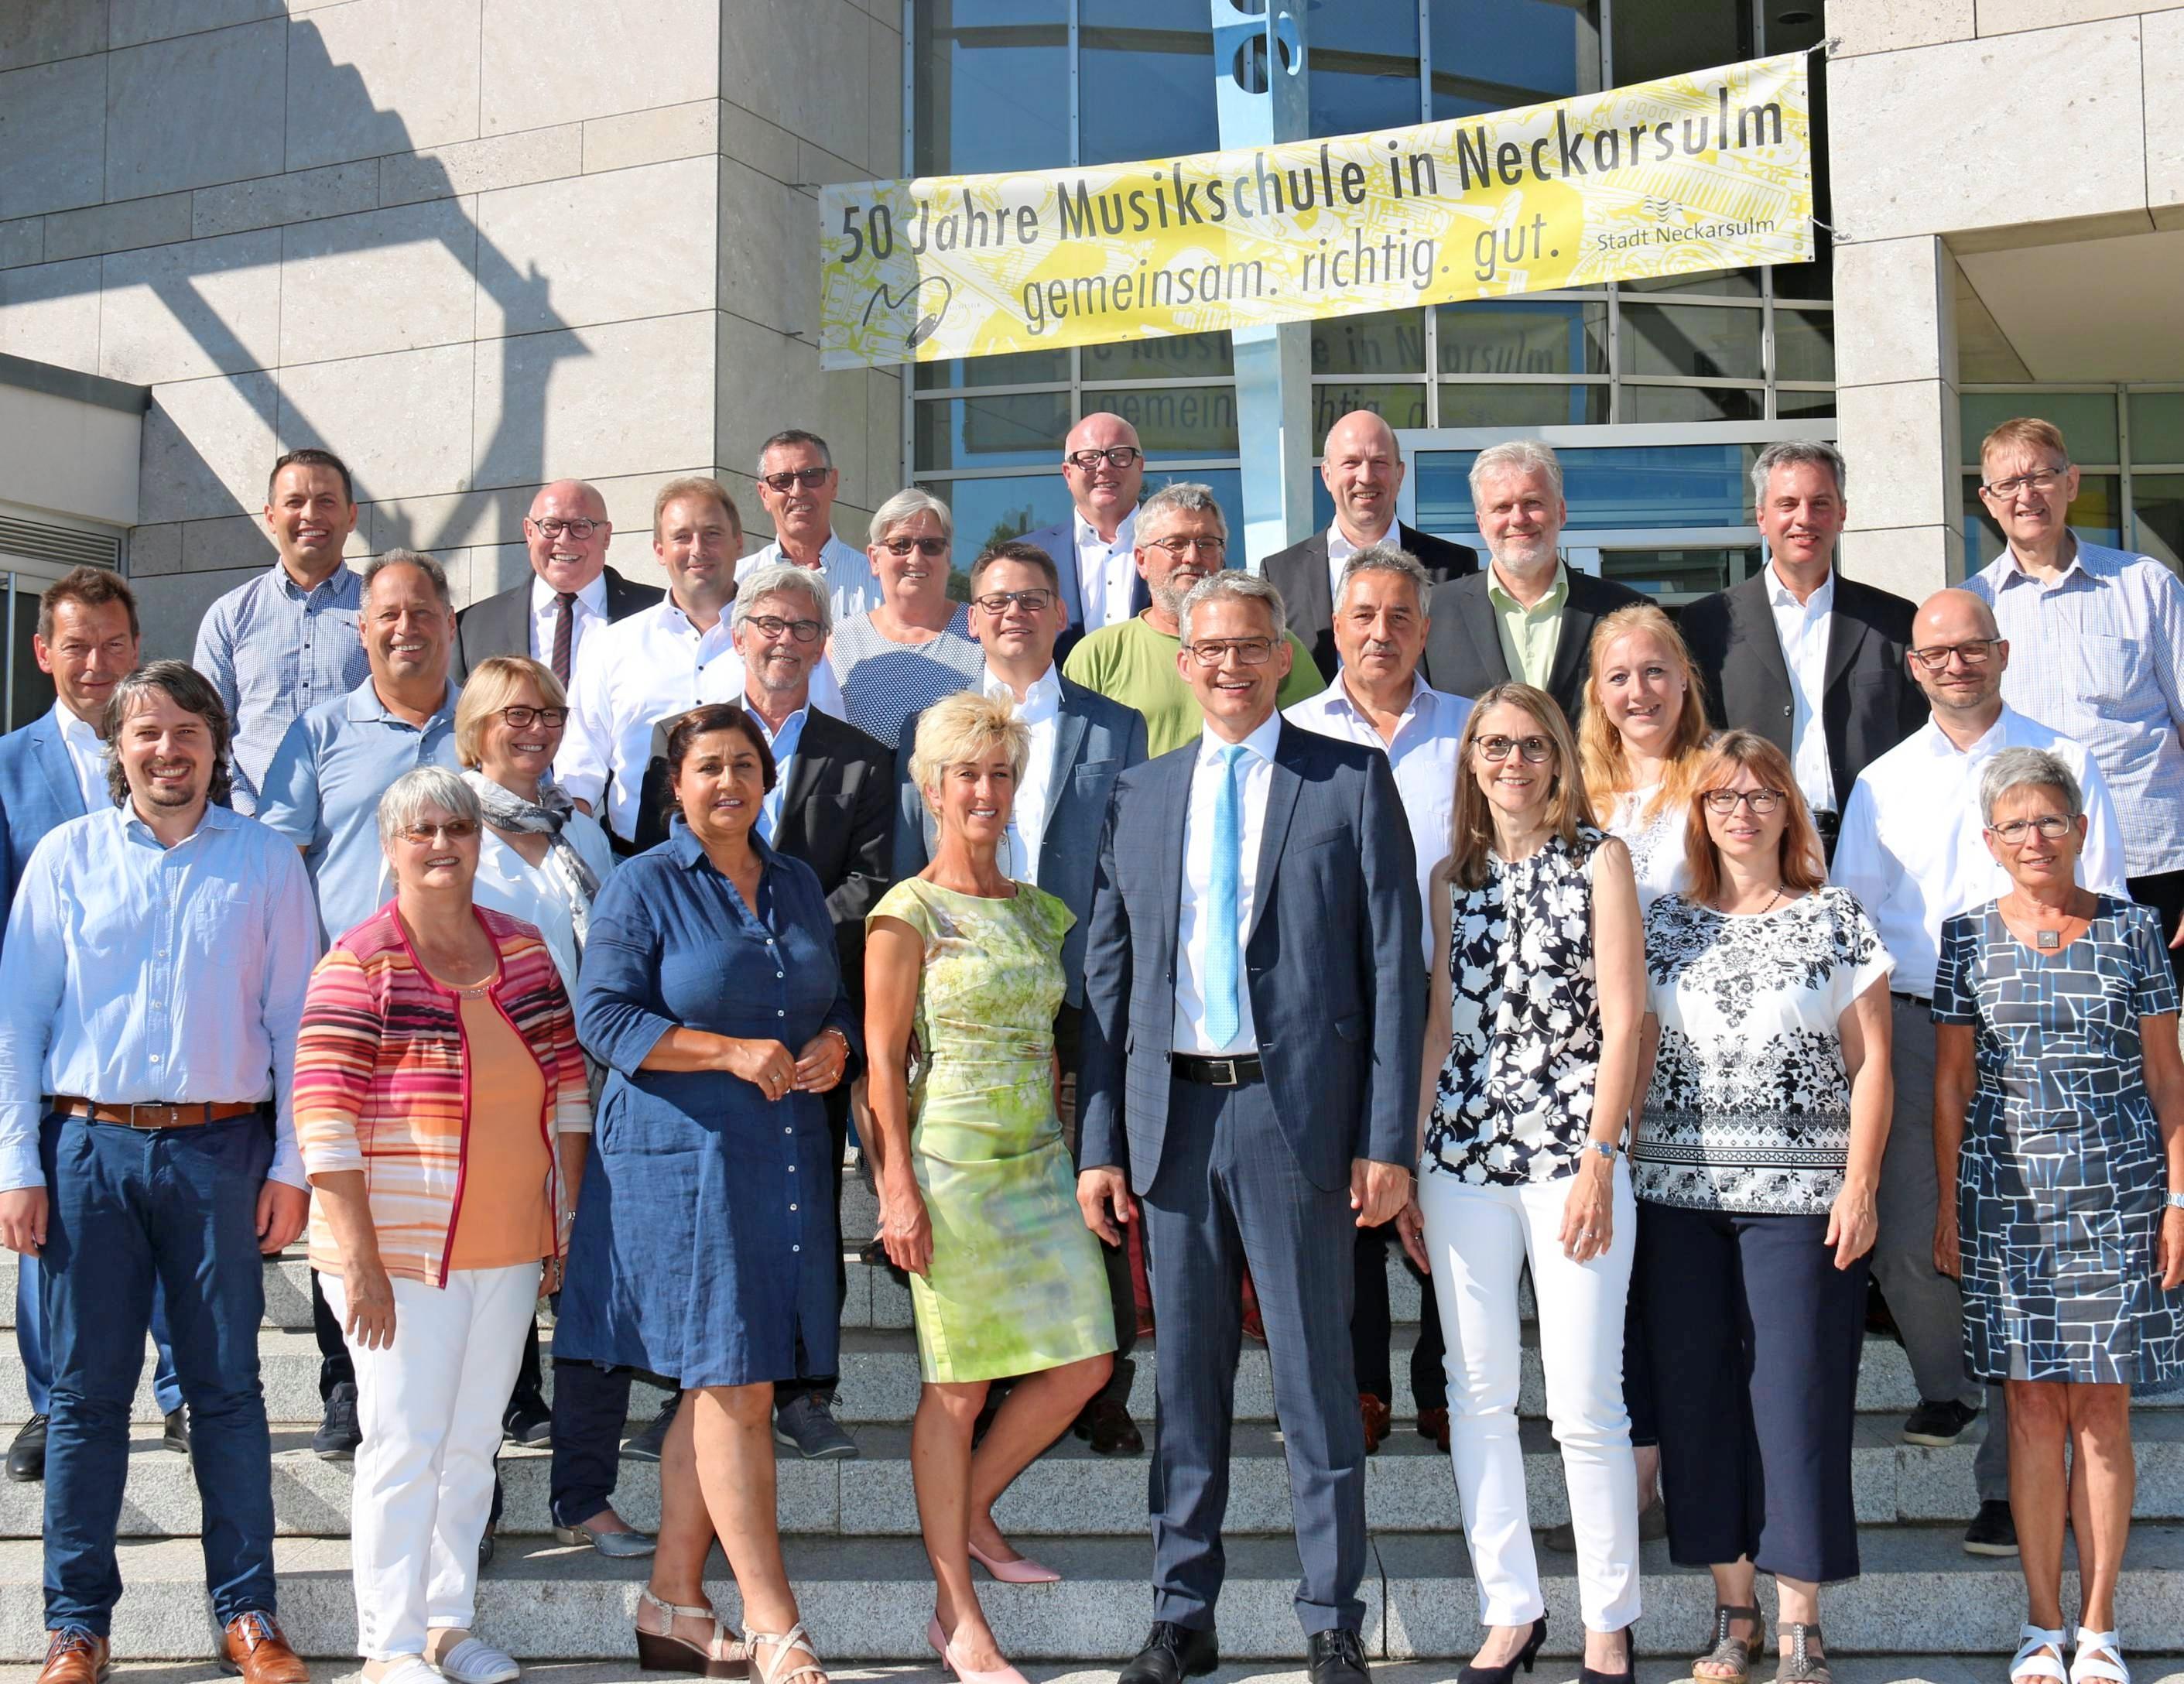 Der Gemeinderat der Stadt Neckarsulm hat sich neu konstituiert. Auf dem Foto fehlt Stadtrat Bernhard Zartmann.